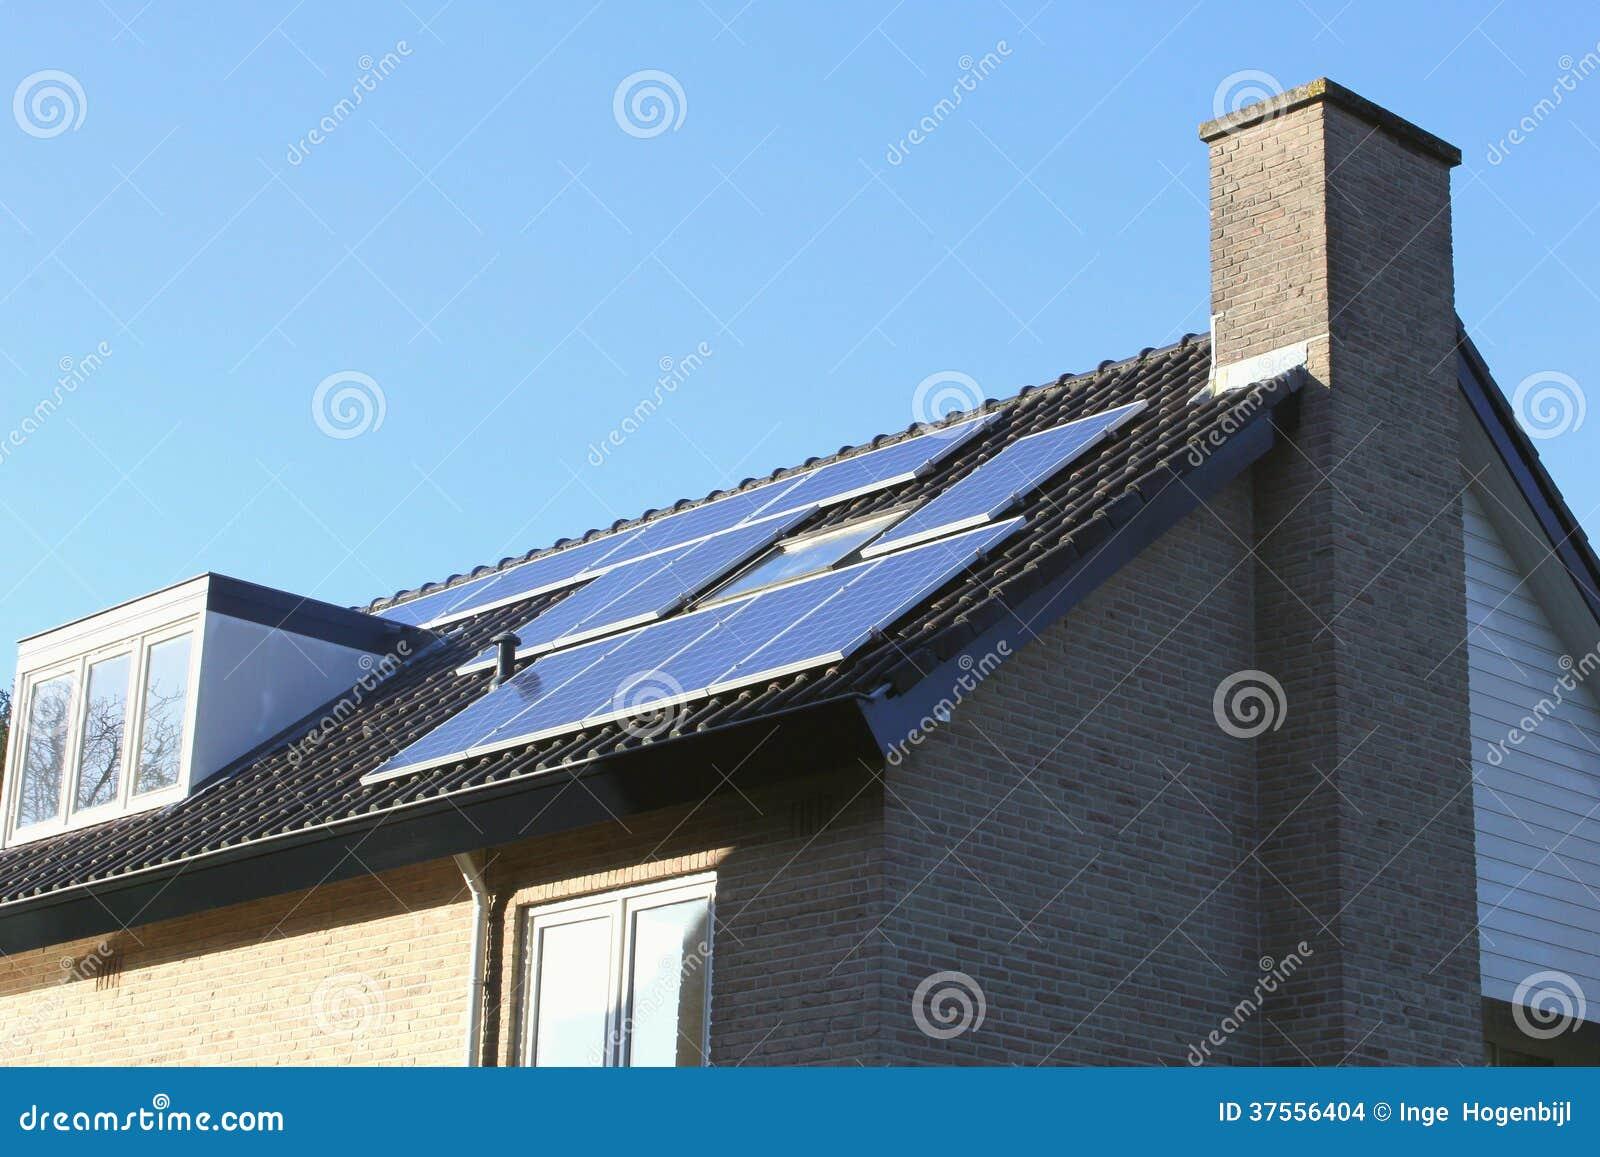 Tejado de una casa moderna con los paneles solares - Tejados de casas modernas ...